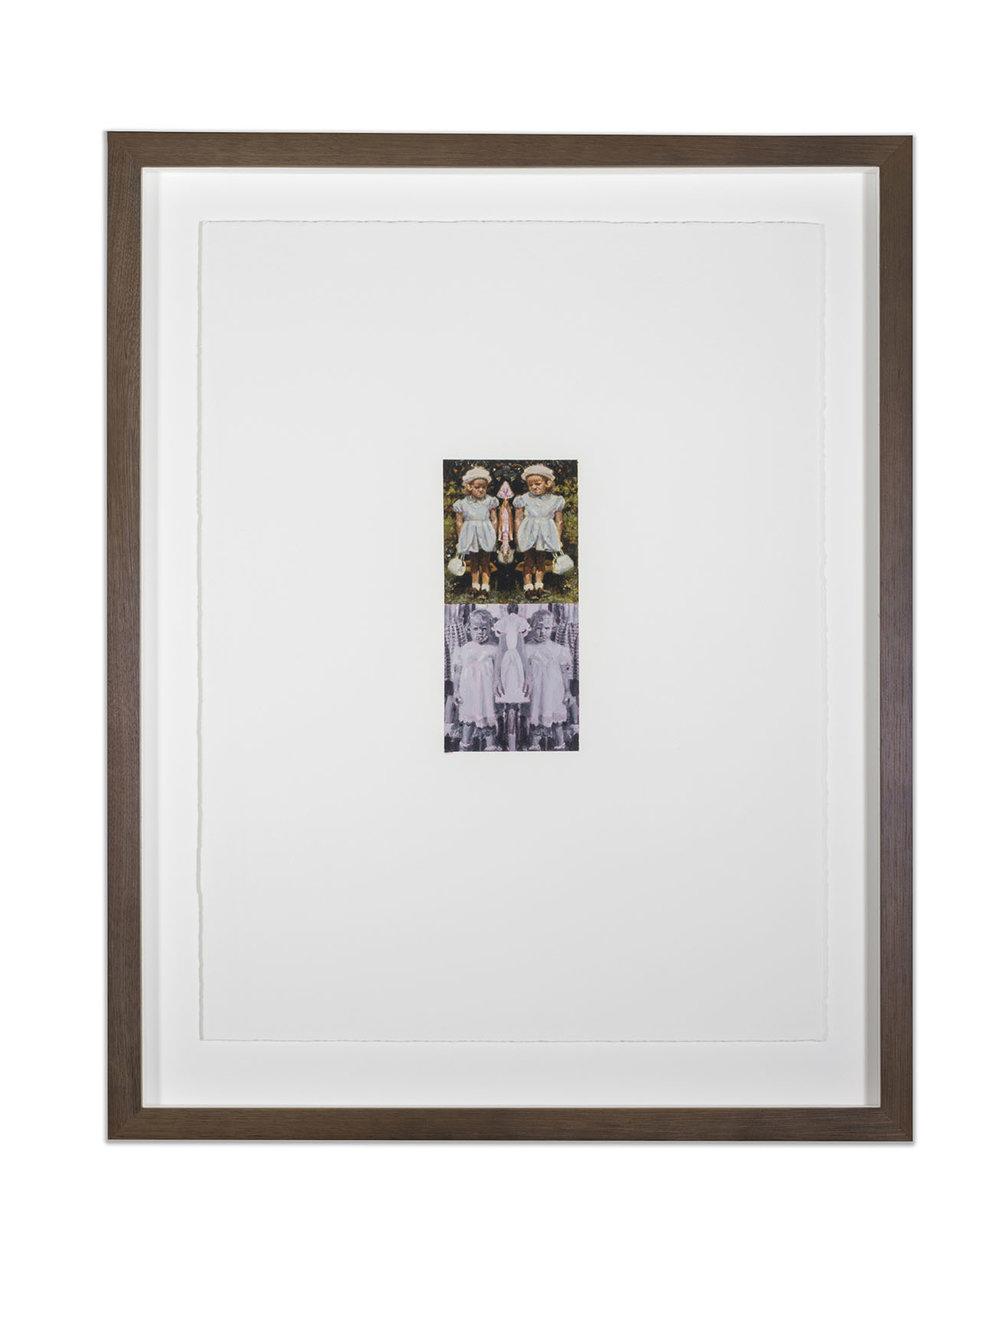 HSP Response (Susan Frances Skelton), oil on paper, 50 x 38 cm, (image 18 x 8 cm), 2016. (Private Collection).